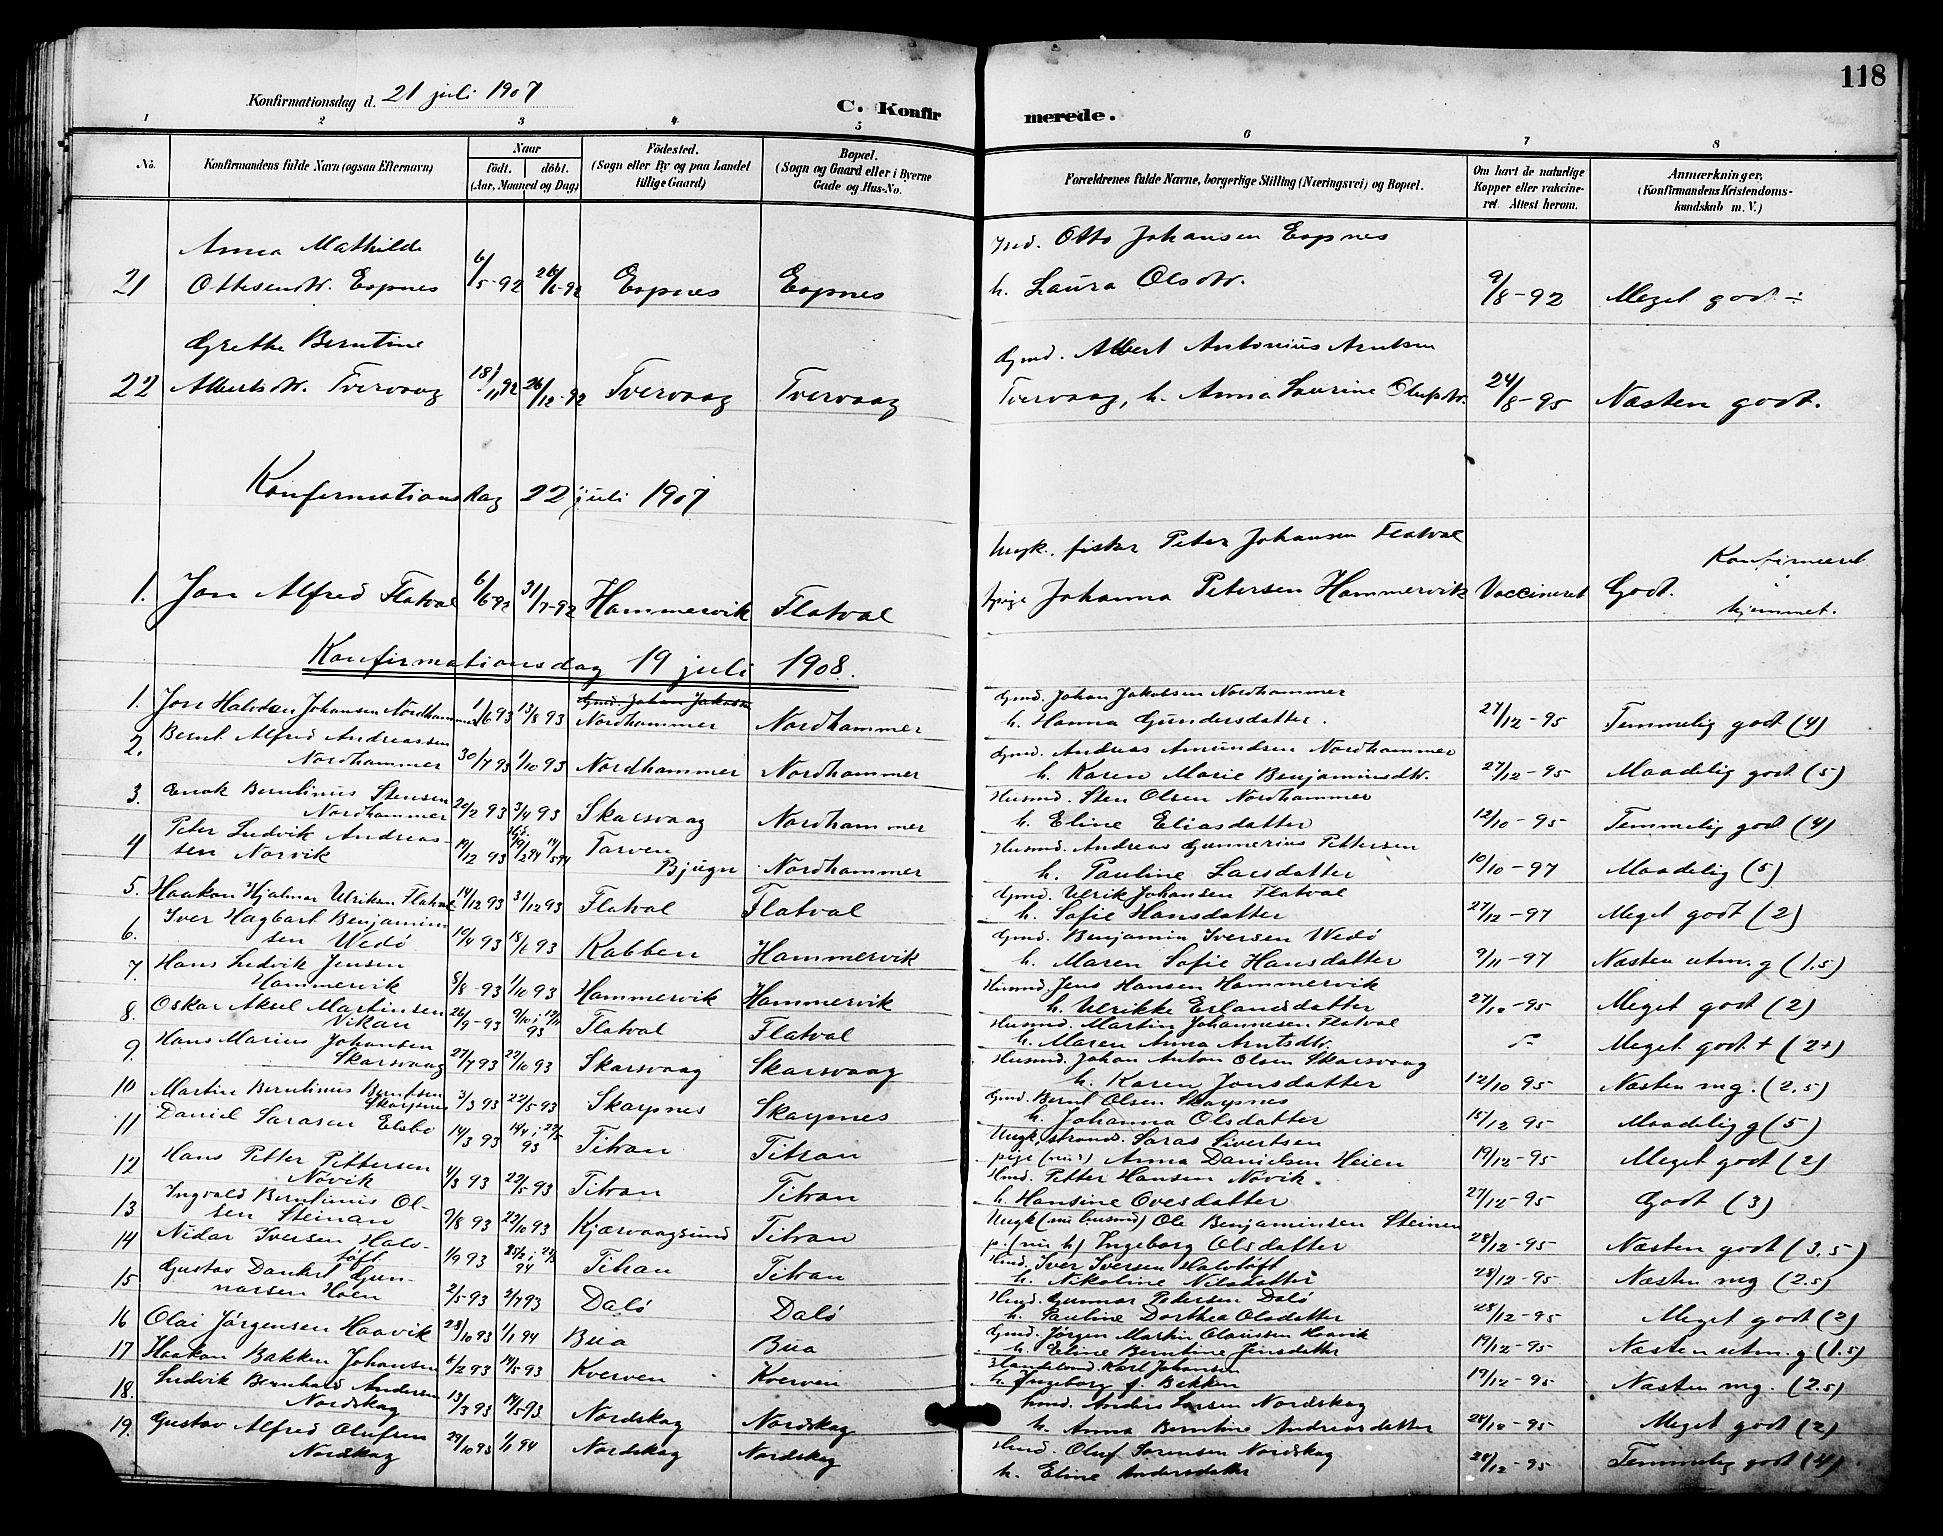 SAT, Ministerialprotokoller, klokkerbøker og fødselsregistre - Sør-Trøndelag, 641/L0598: Klokkerbok nr. 641C02, 1893-1910, s. 118